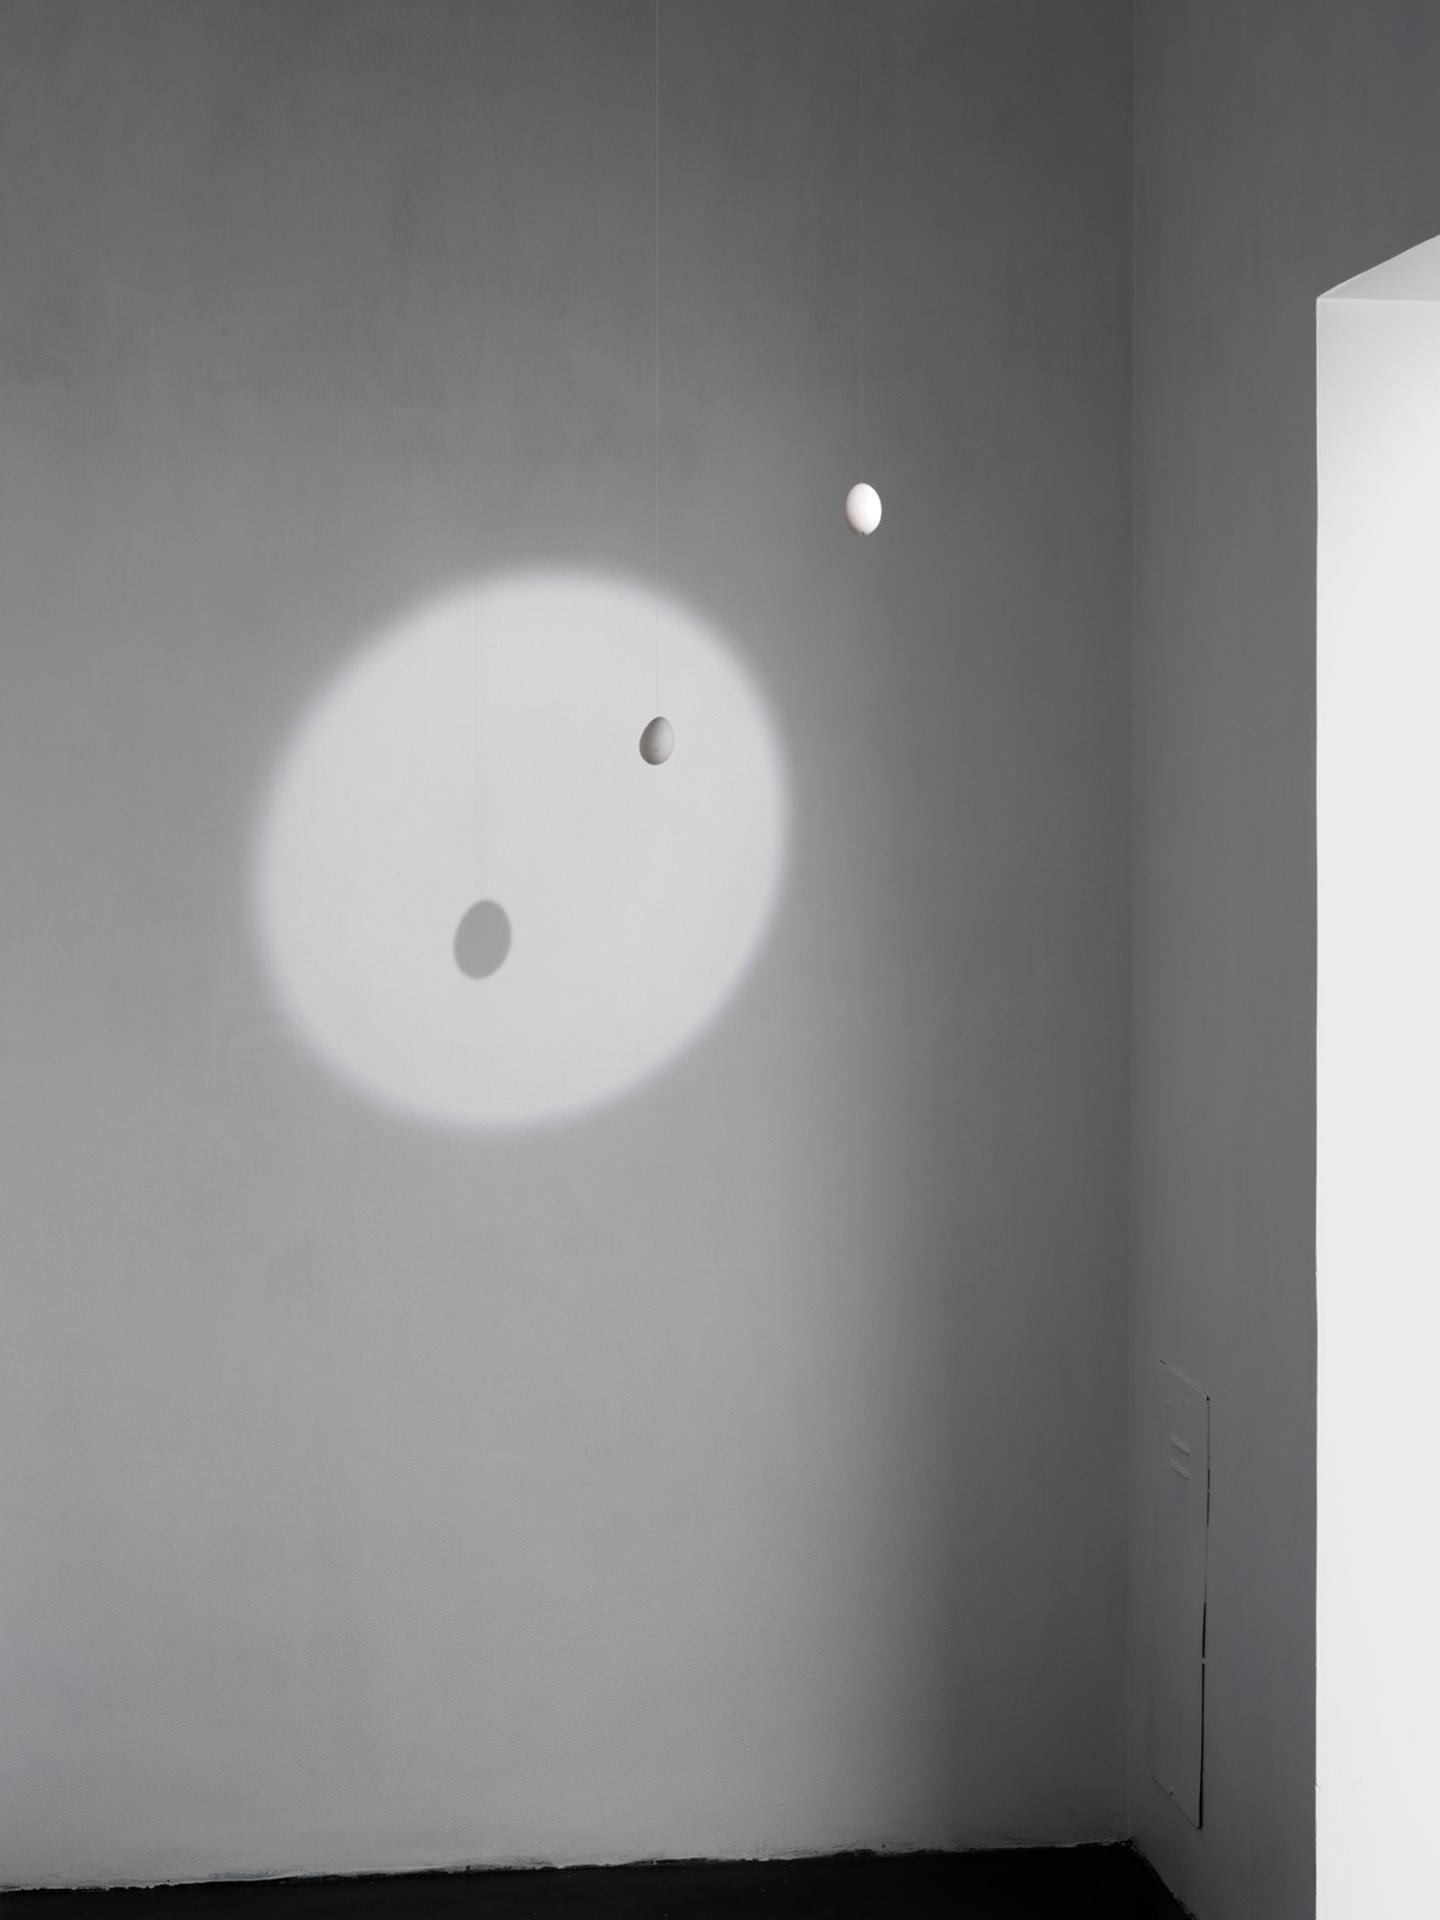 Gänseeier Eclipse